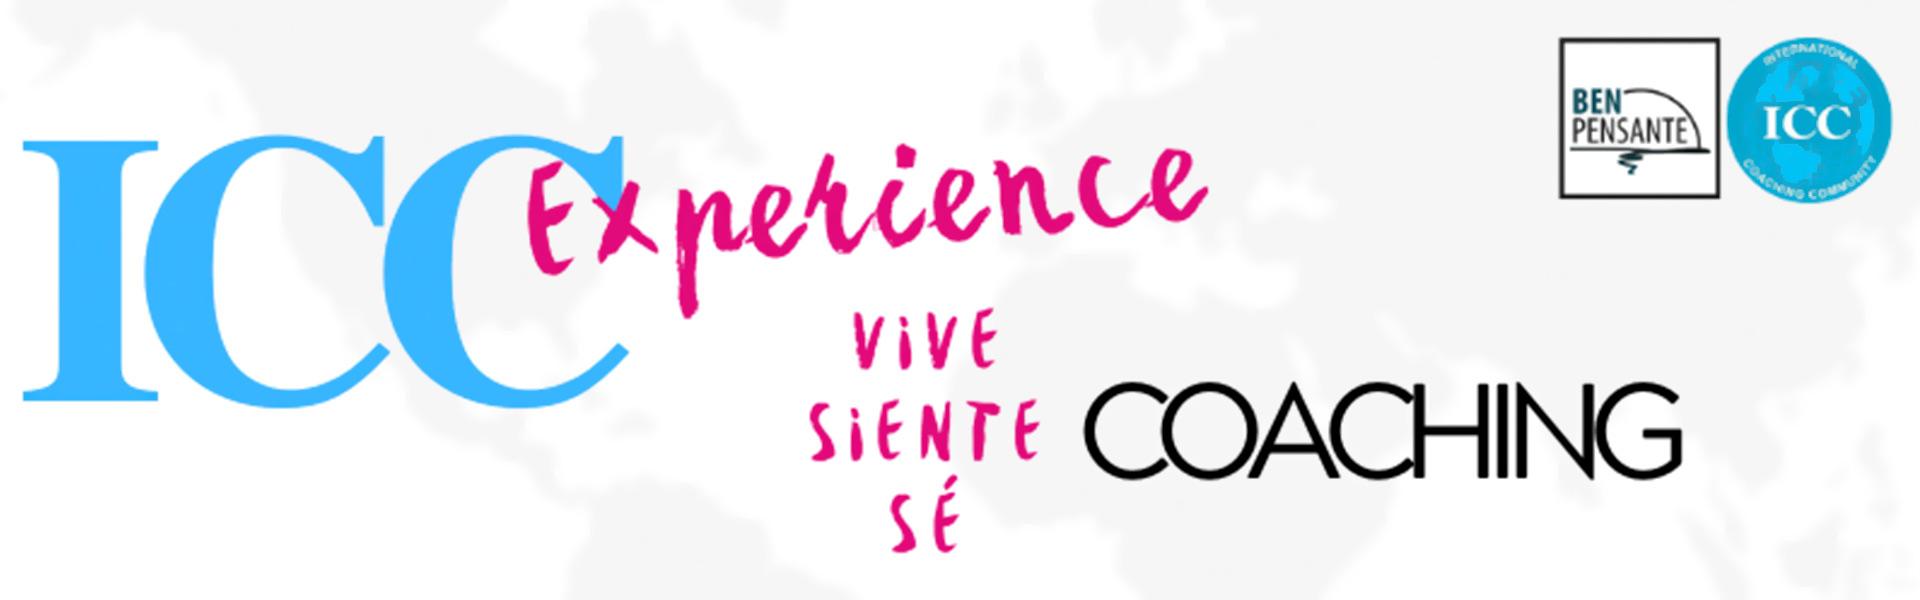 benpensante-experience-coaching-anuncio-01